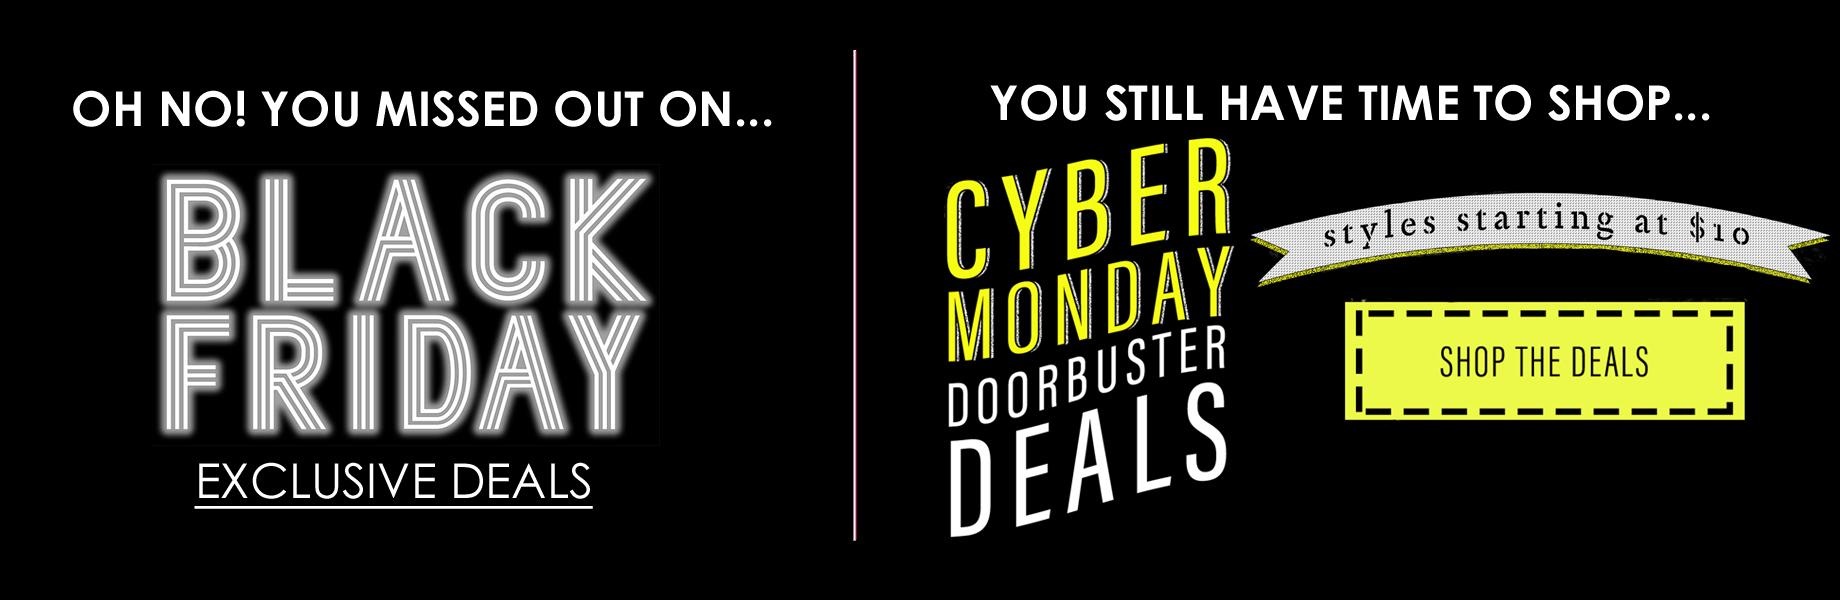 Oh No - Black Friday Deals